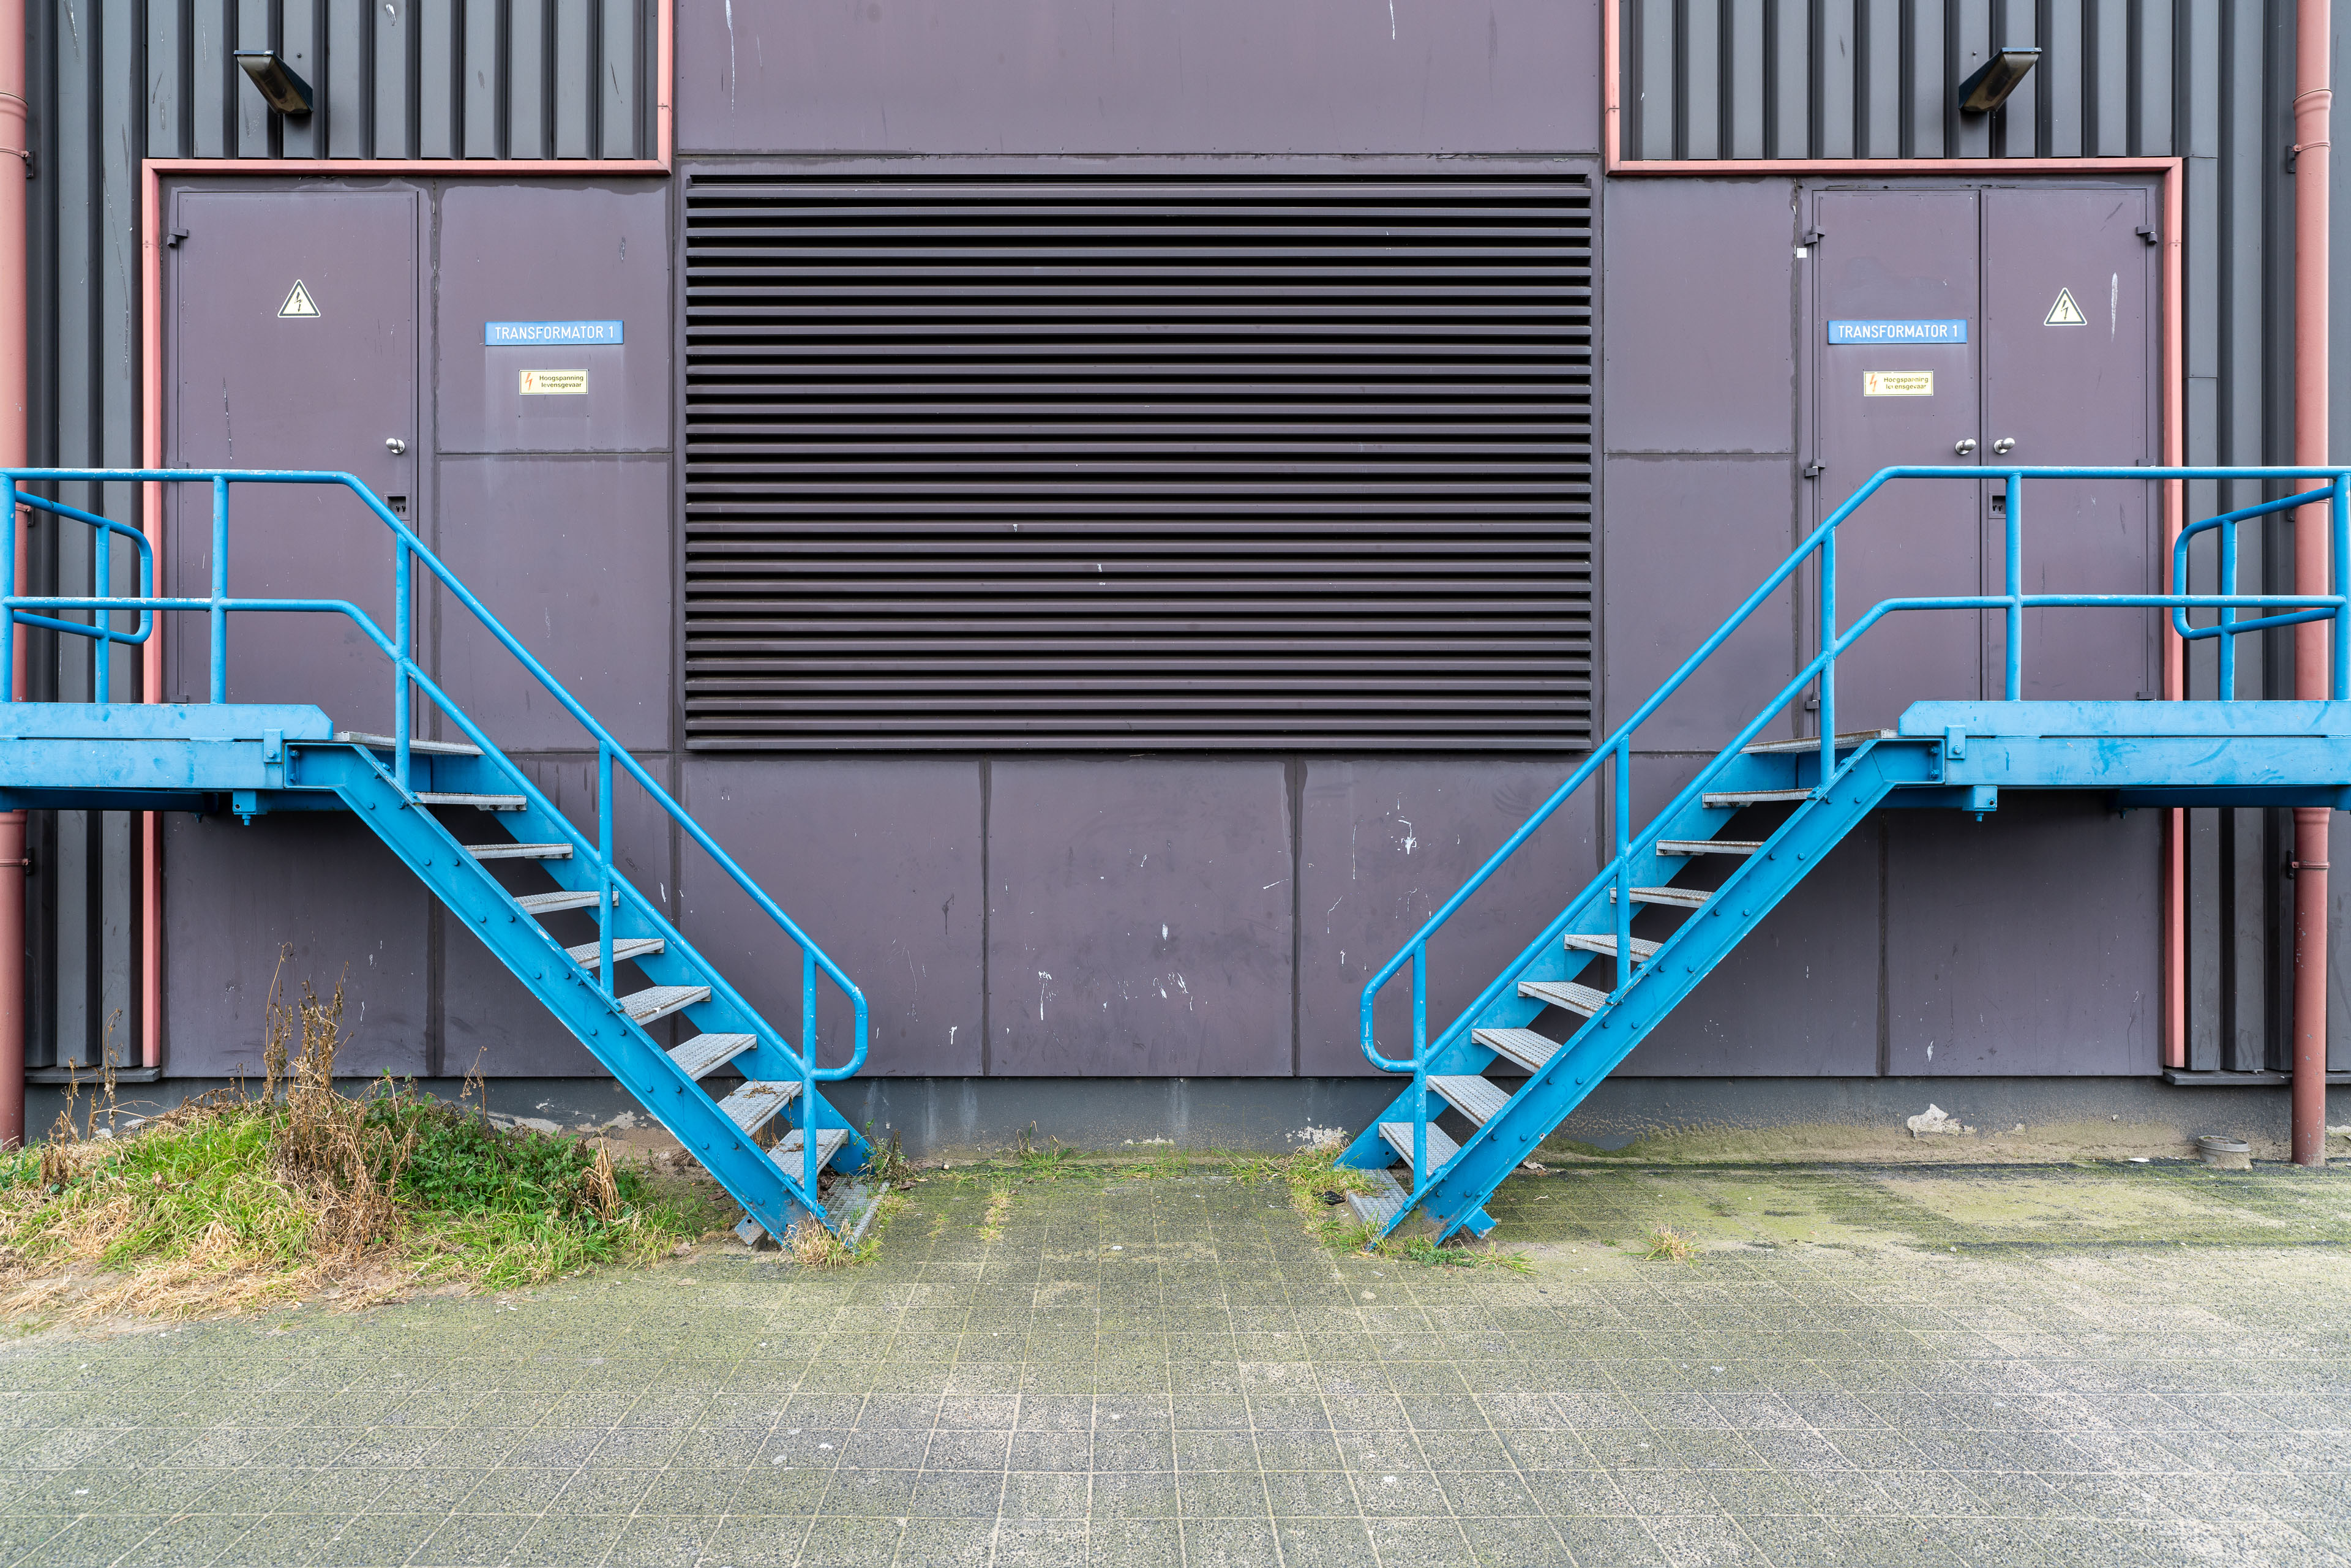 blauwe trappen bij gebouw